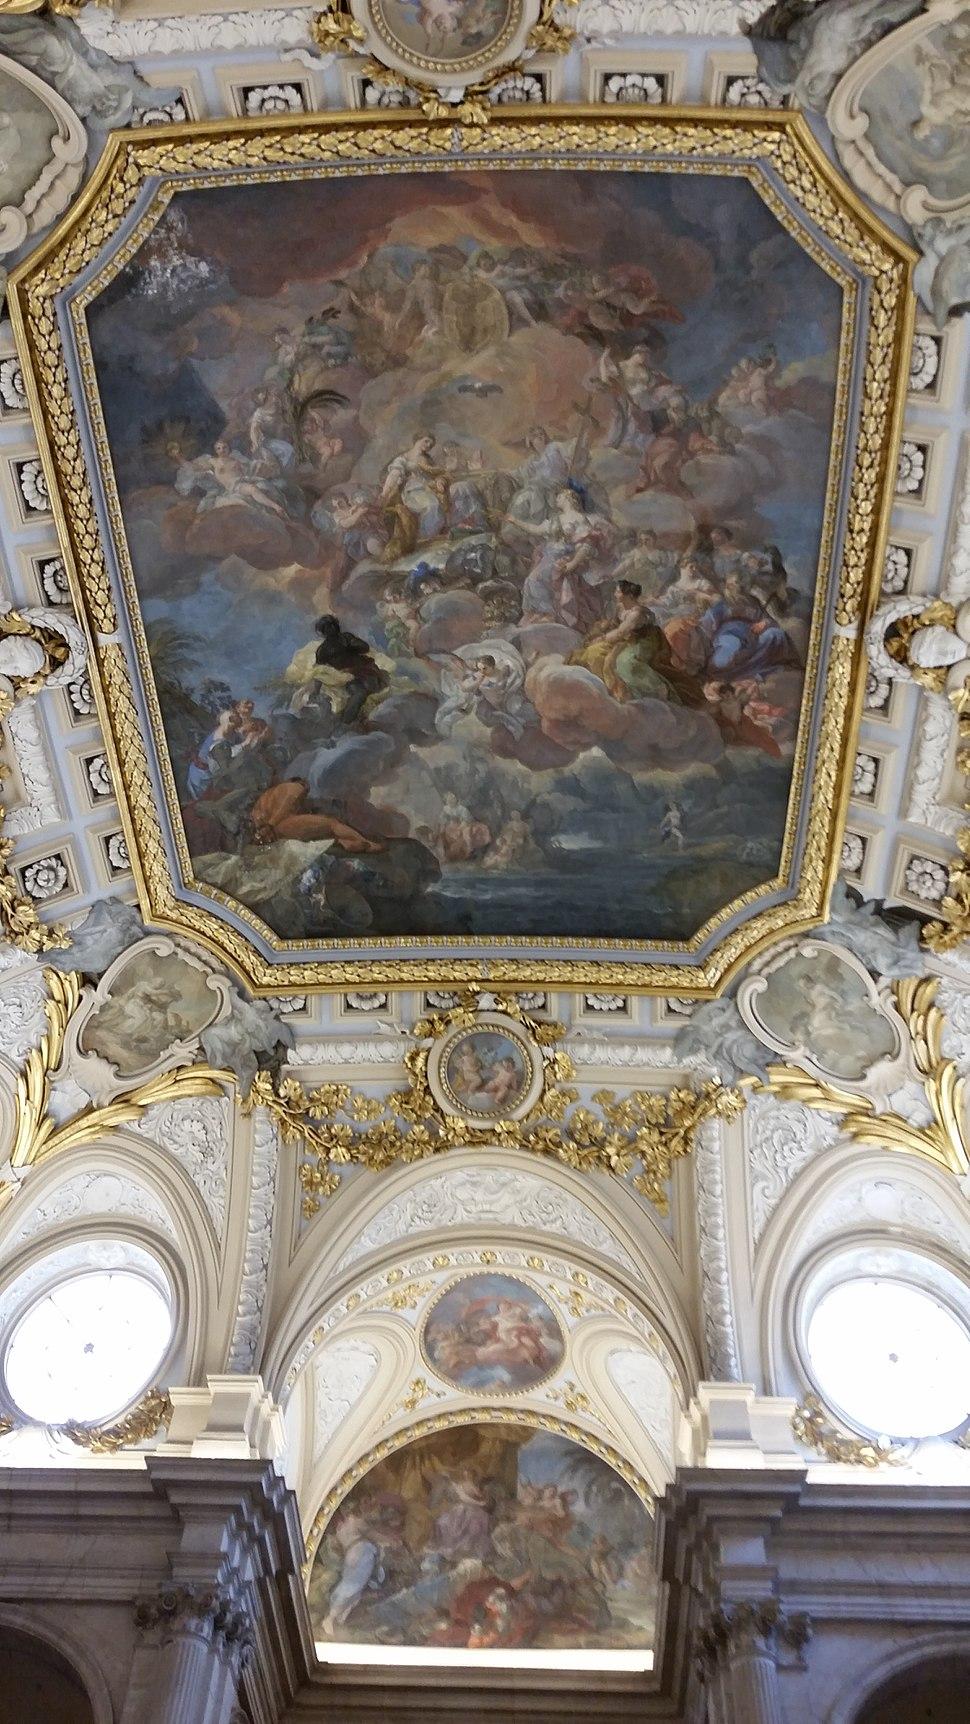 Royal Palace of Madrid Frescoe